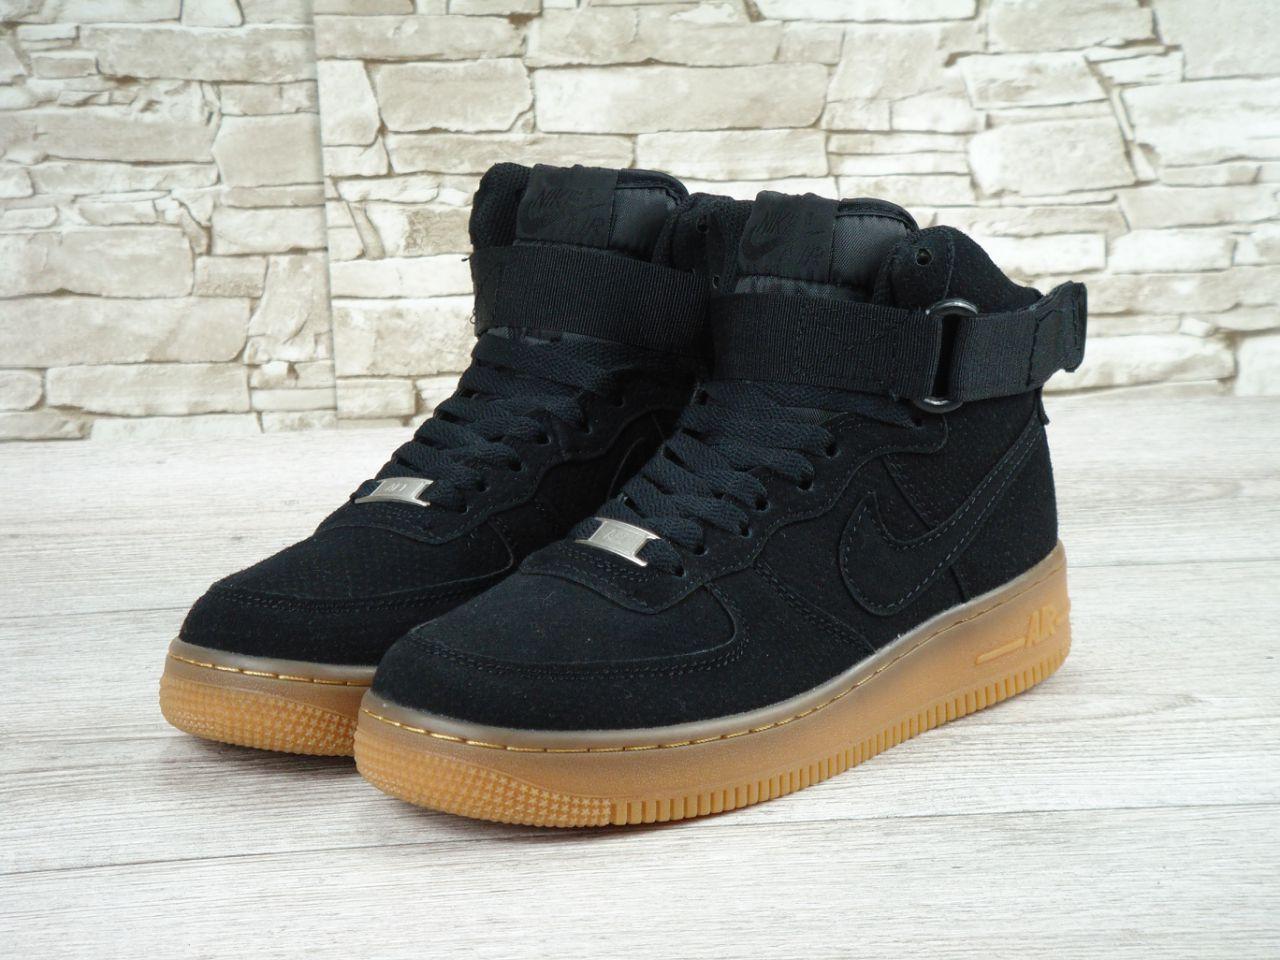 317c568f Кроссовки в стиле Nike Air Force High Suede Black Gum мужские - Интернет- магазин «